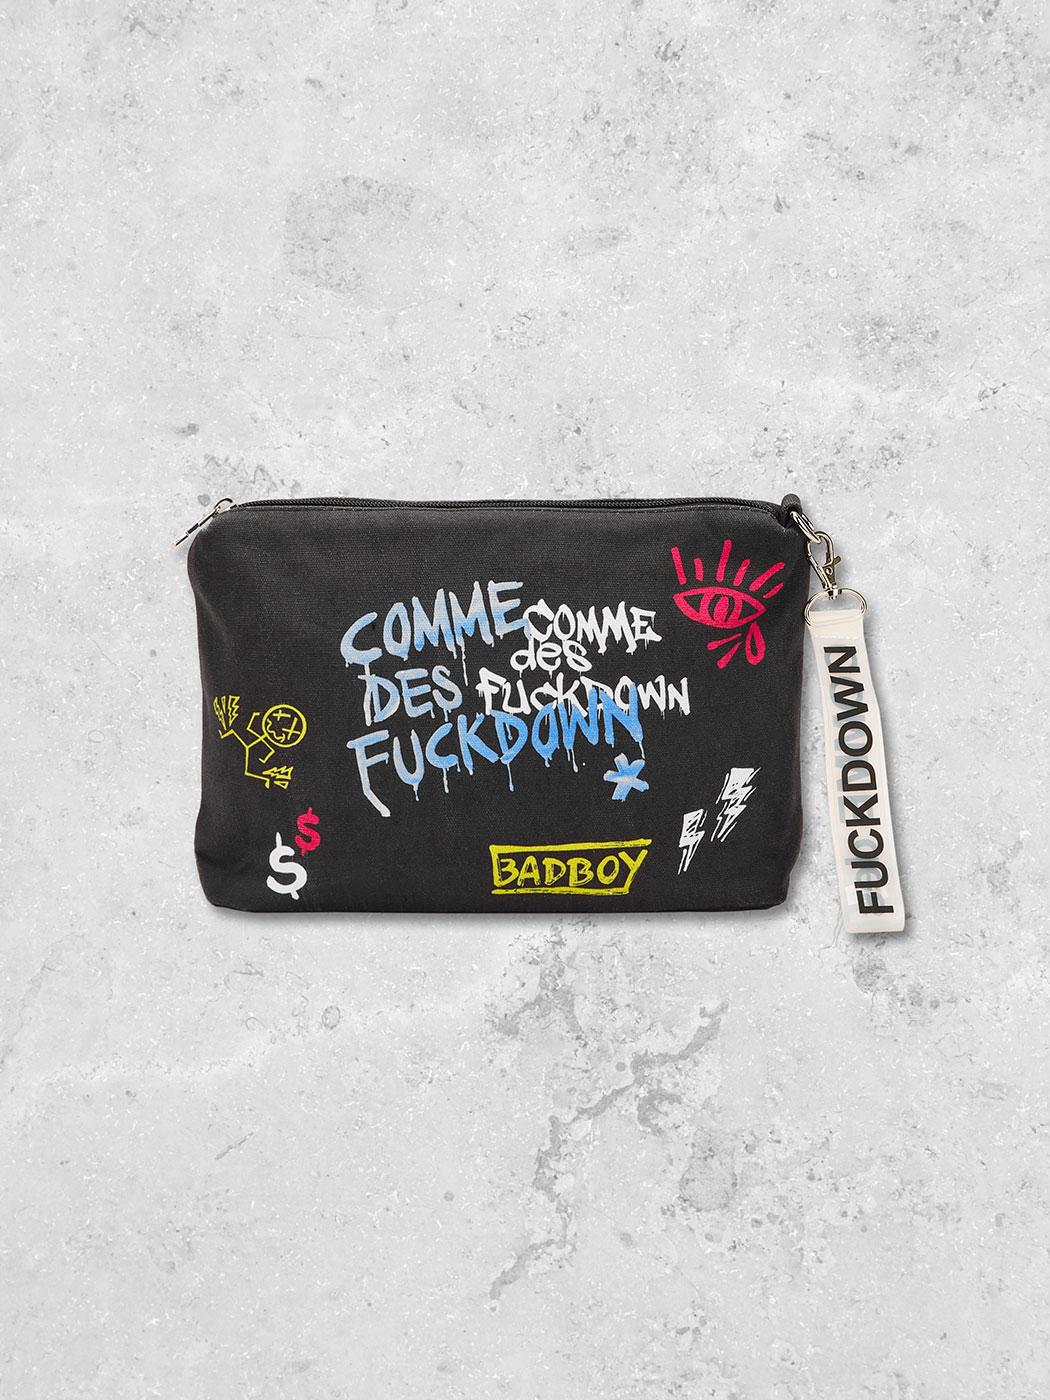 BAG - CDFA537 - COMME DES FKDOWN